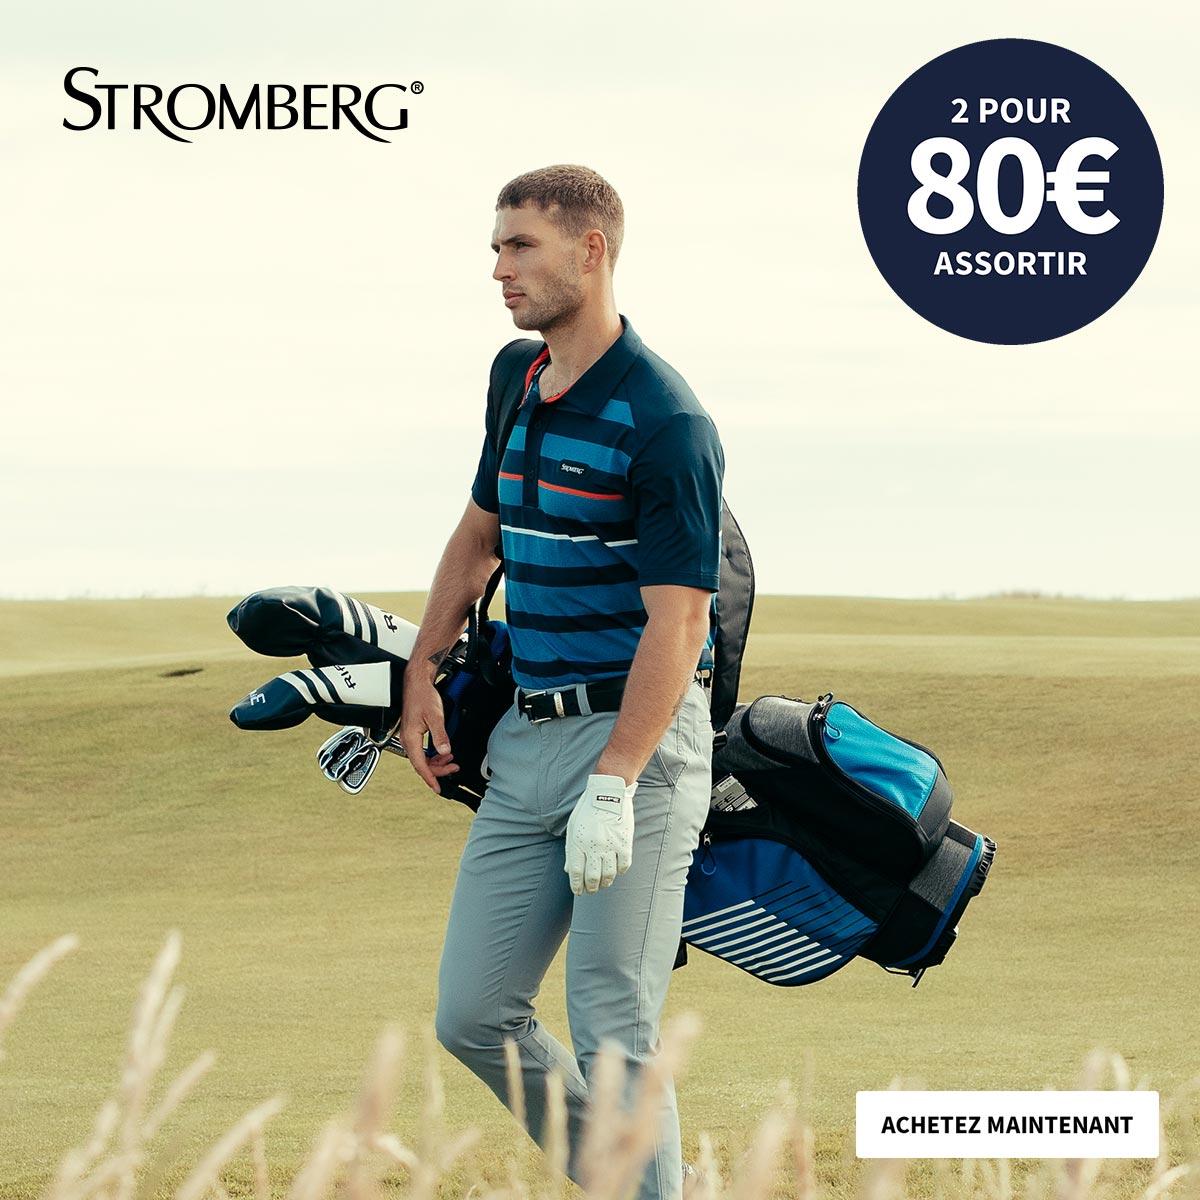 STROMBERG 2 FOR £70